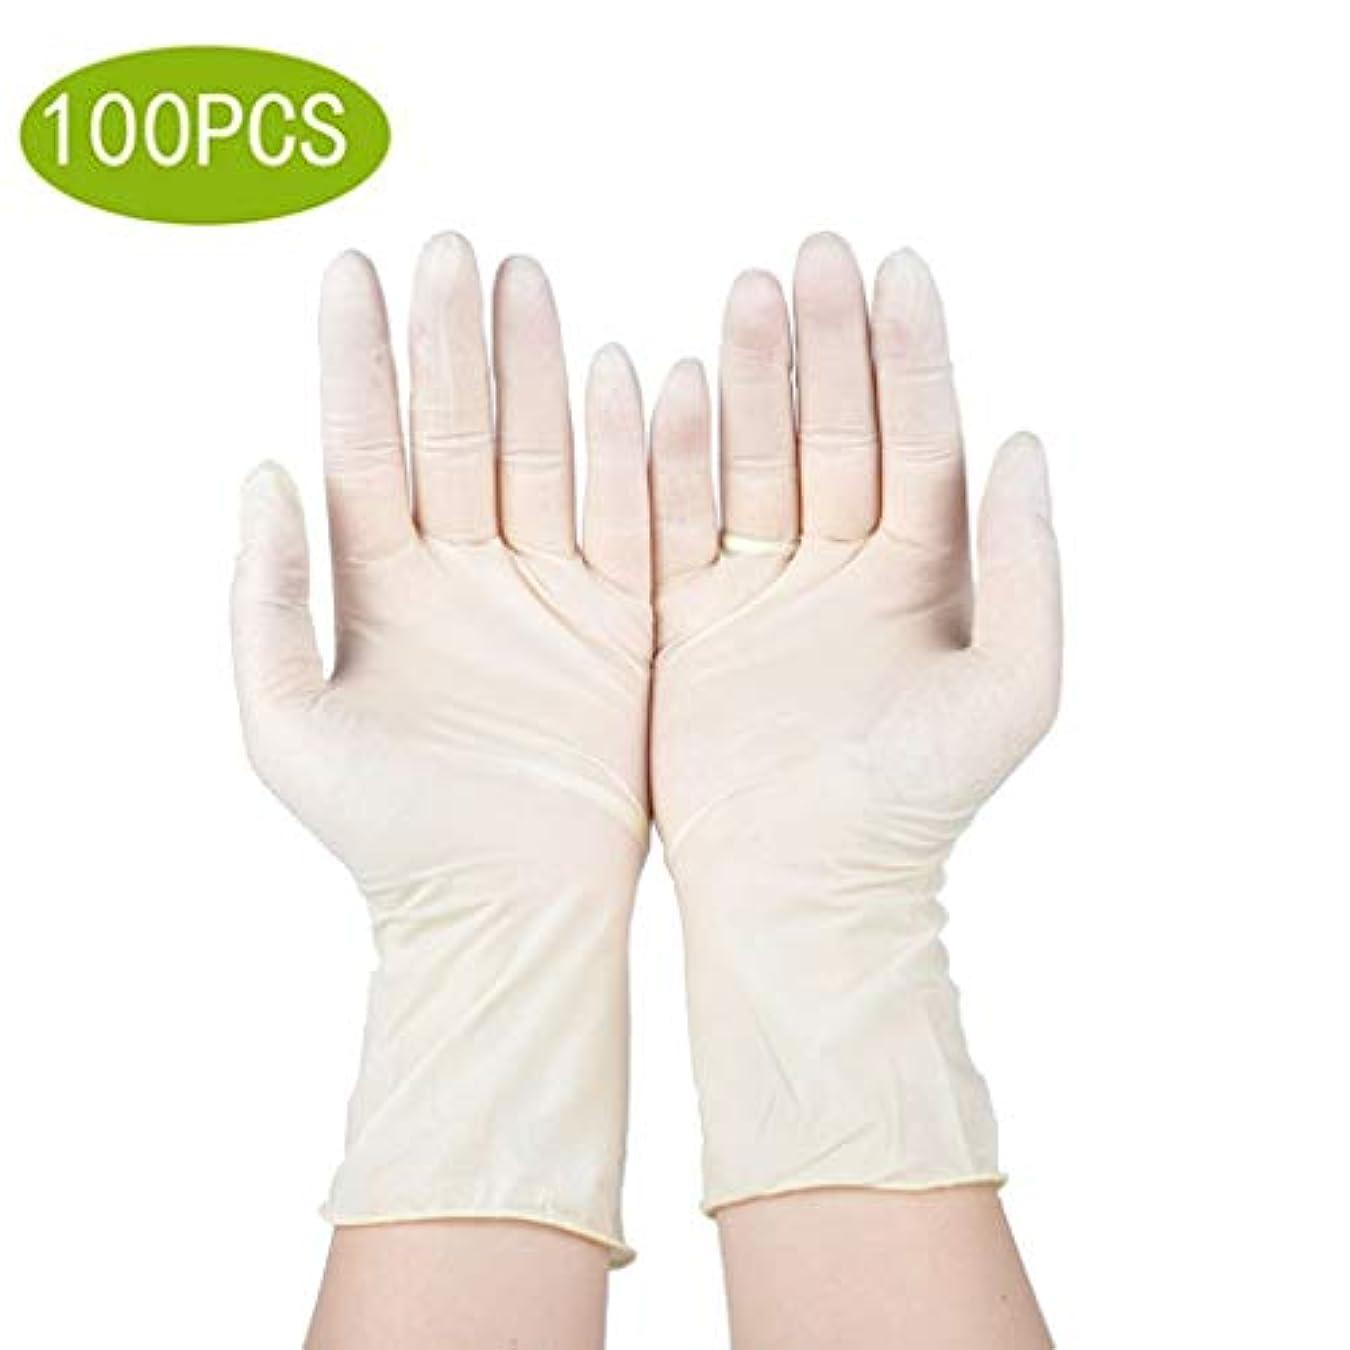 歯ヒロインベリニトリル試験用手袋 - 医療用グレード、パウダーフリー、ラテックスラバーフリー、使い捨て、ラテックスグローブ食品安全ラテックスグローブ (Color : Latex Gloves, Size : L)